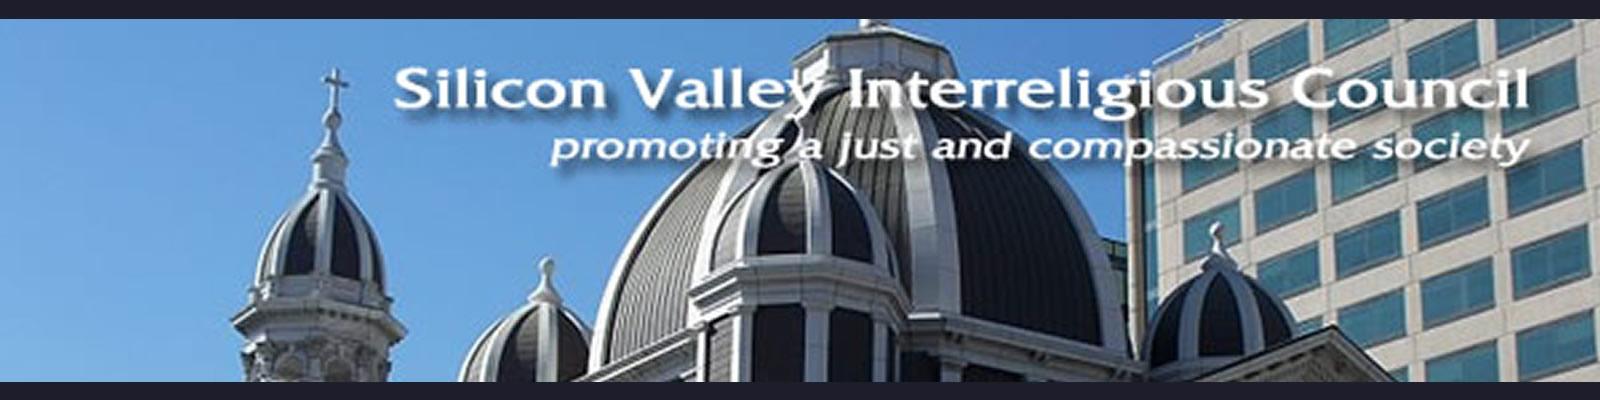 Silicon Valley Interreligious Council